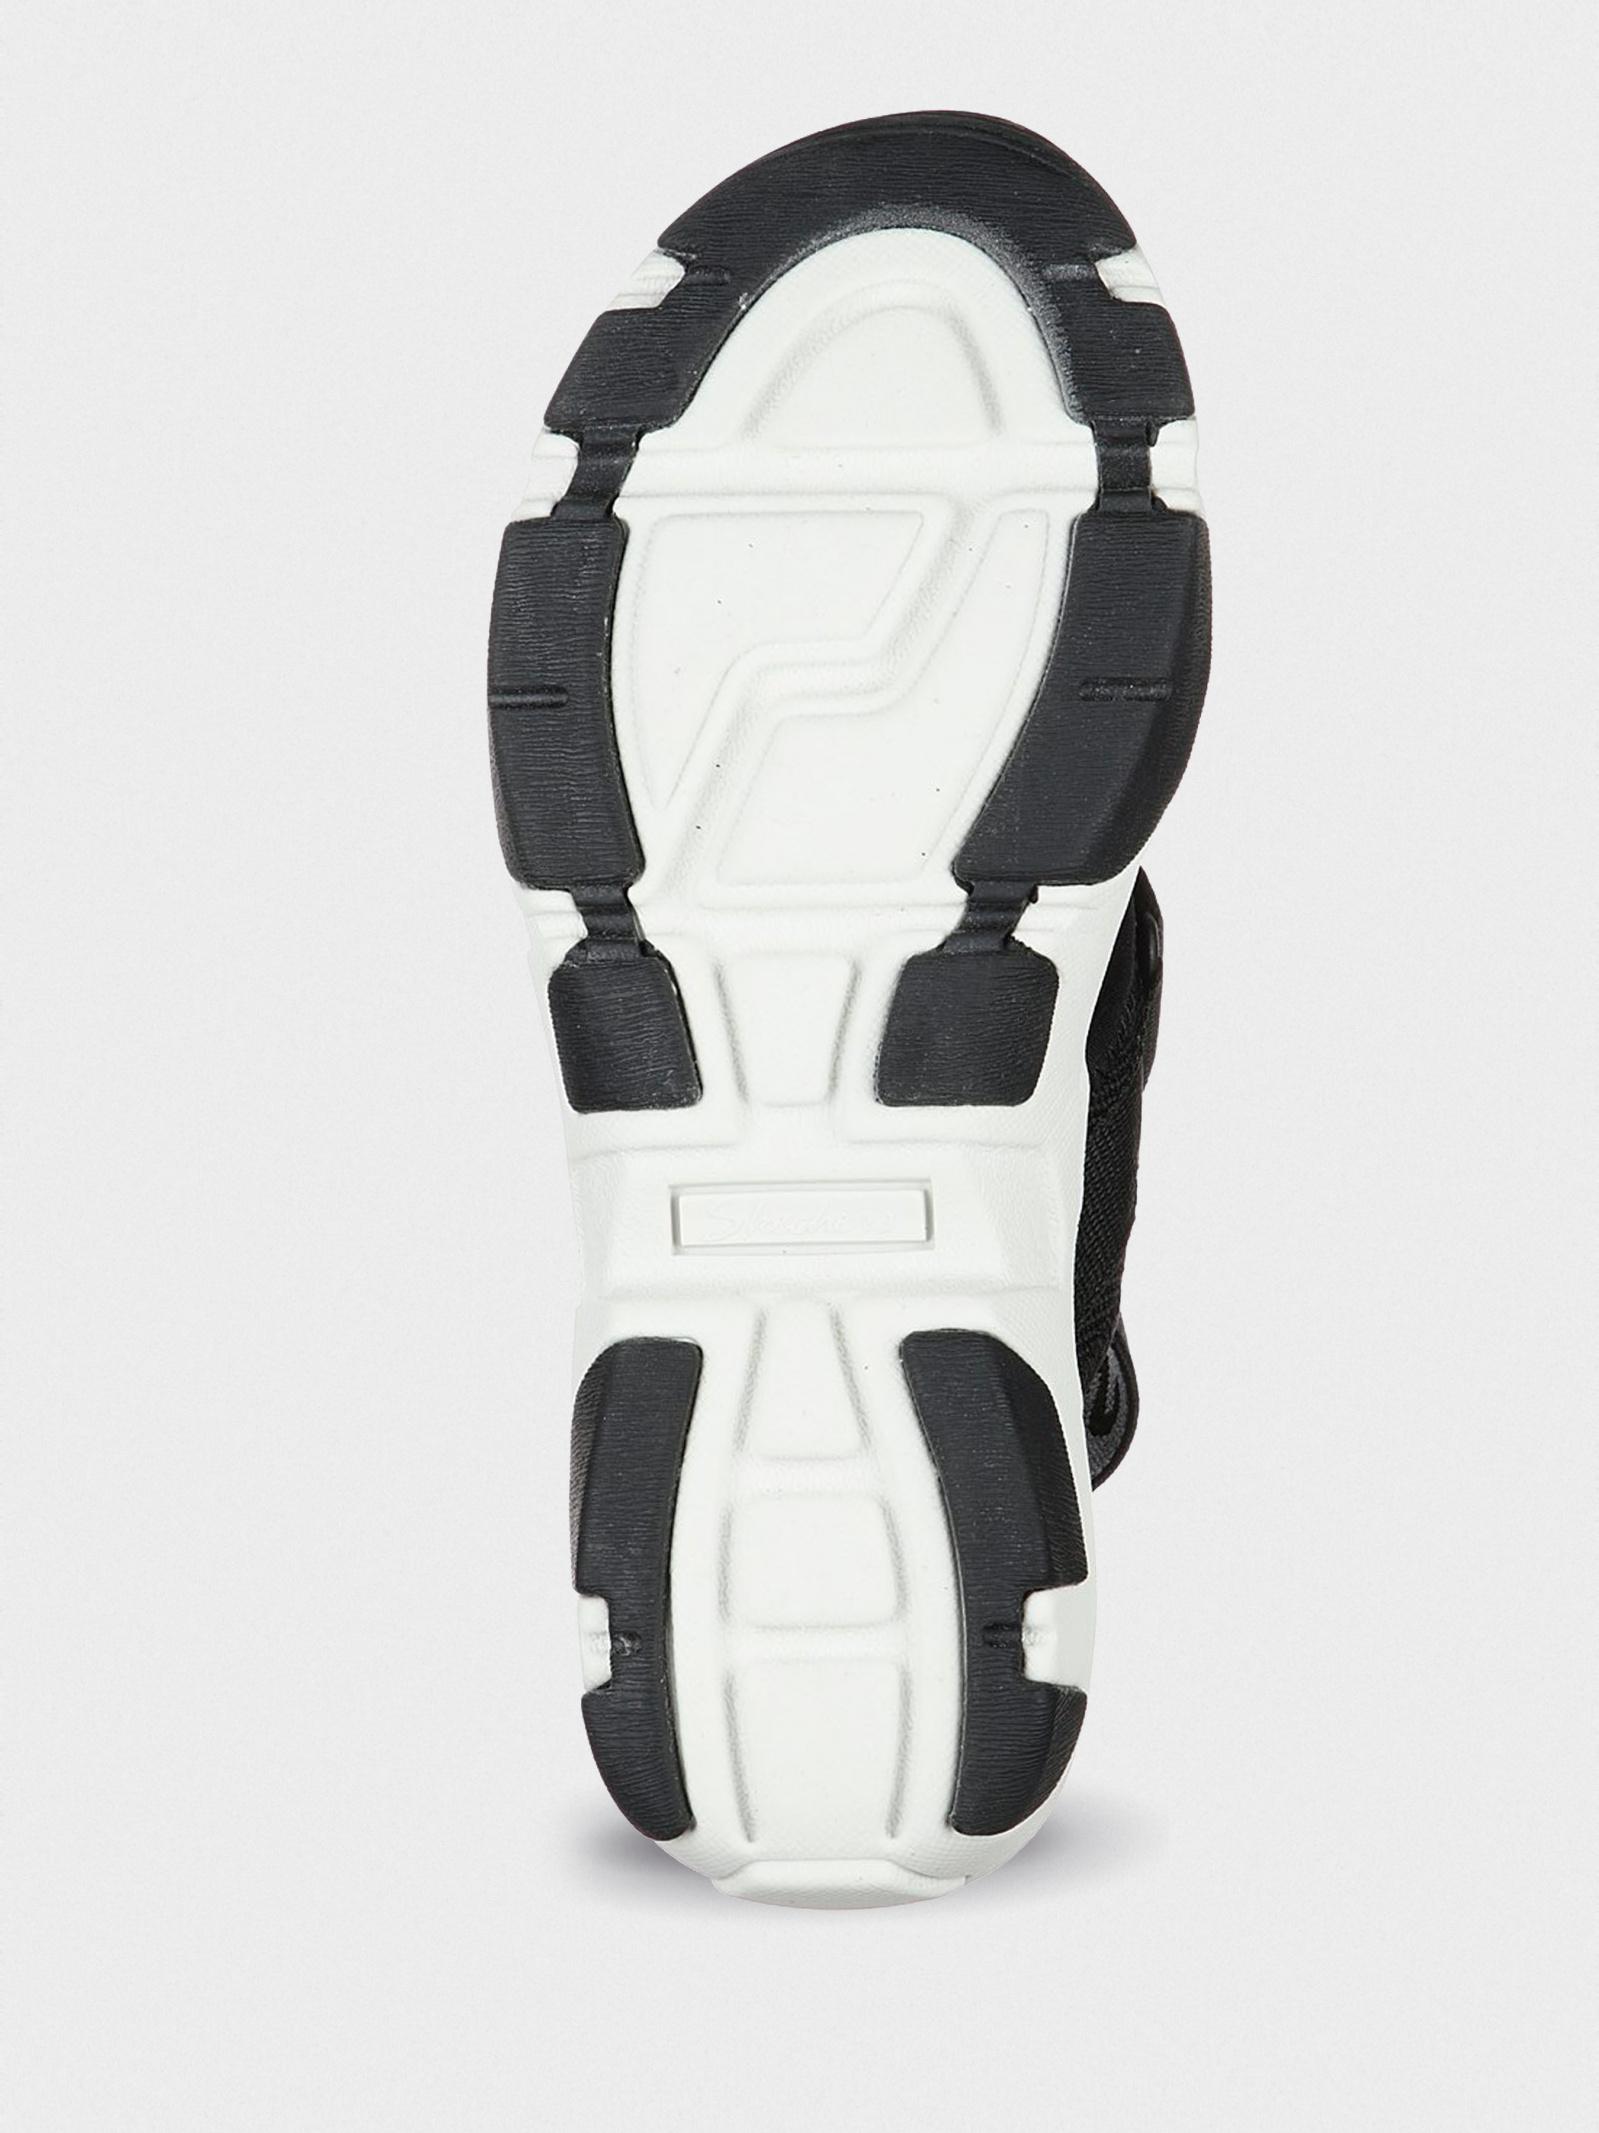 Сандалі  для жінок Skechers Modern Comfort 163051 BLK модне взуття, 2017